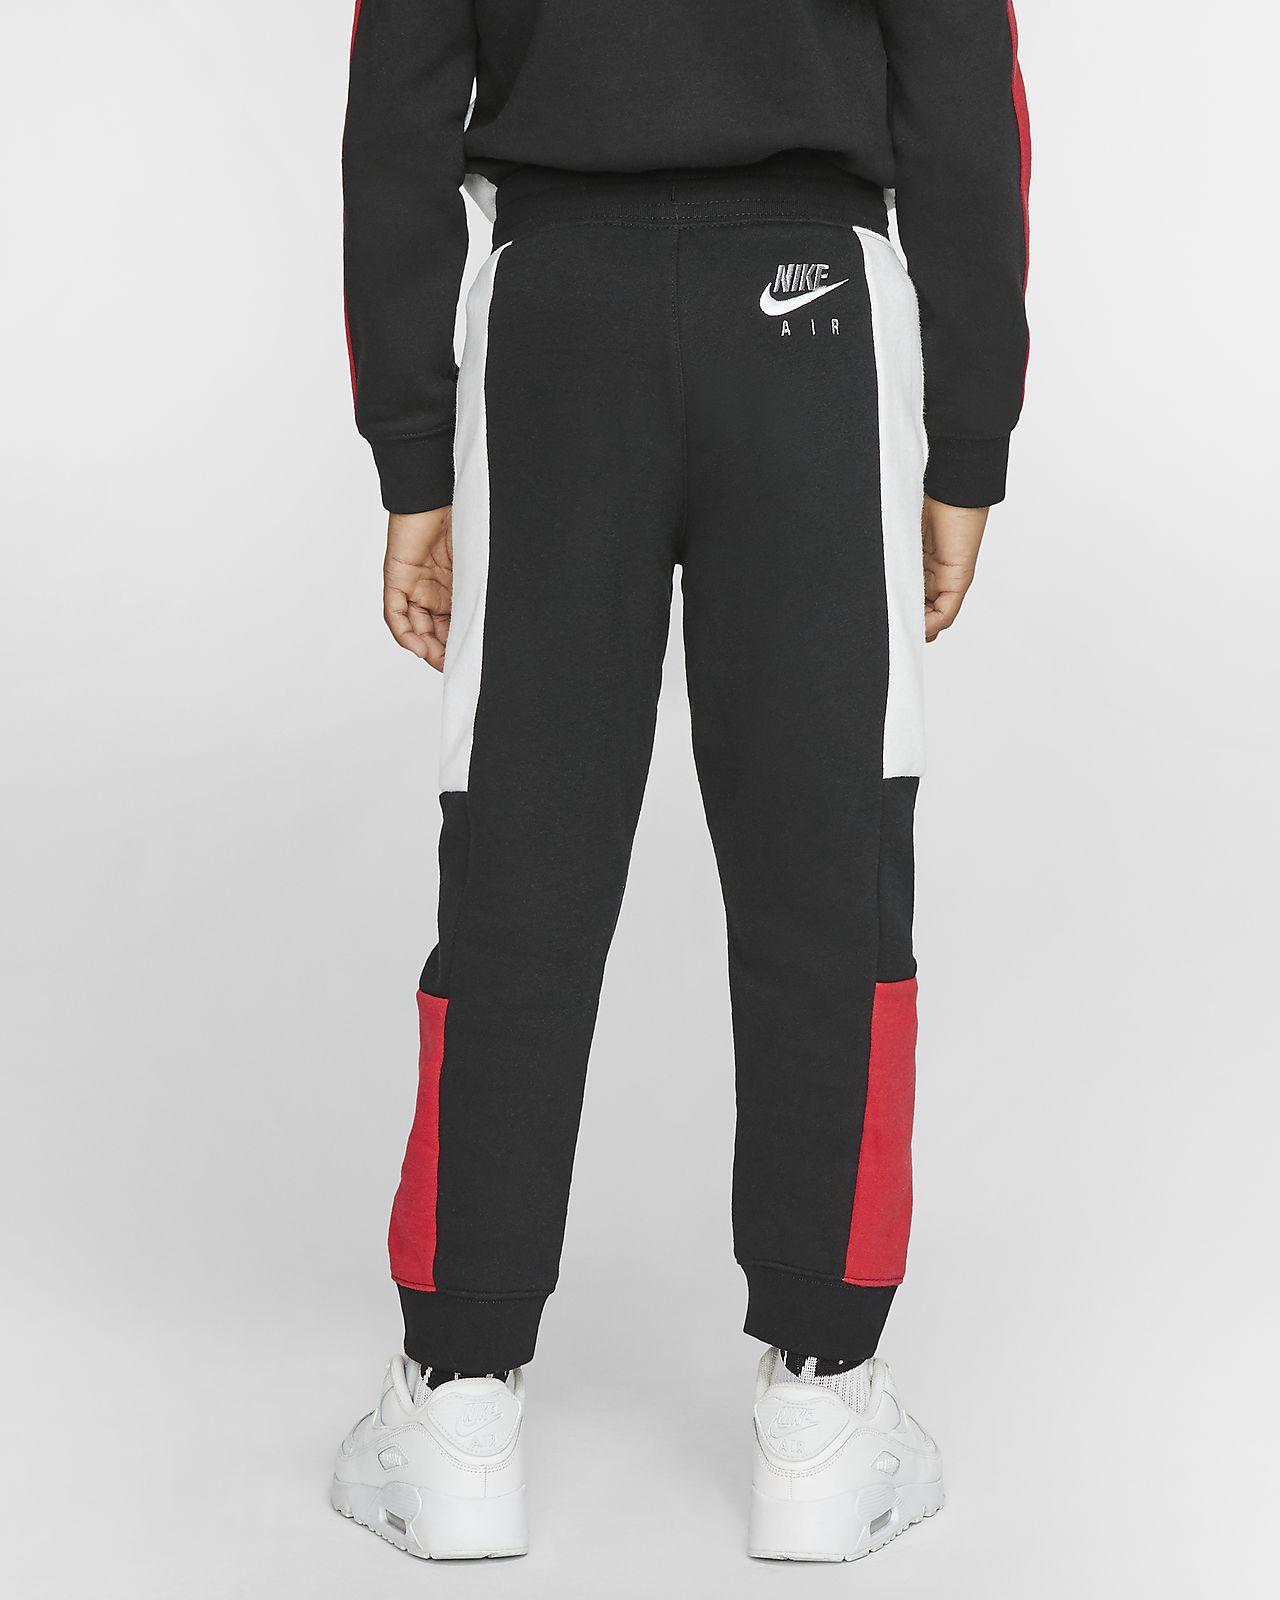 Nike Air Kleuterbroek met boorden